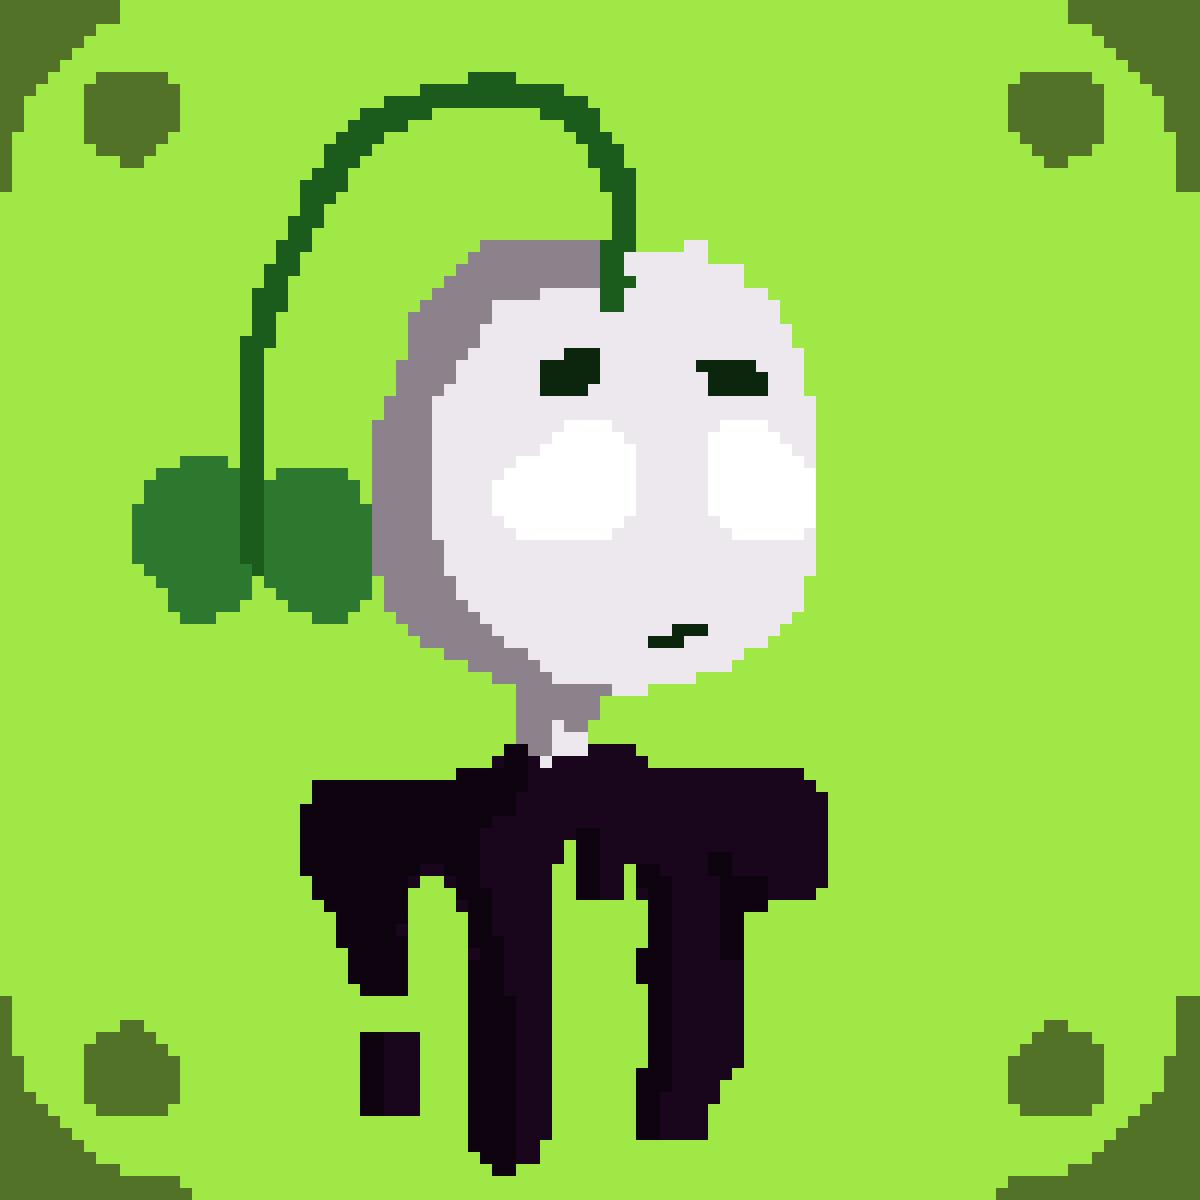 lil bean by TotalDweeb369